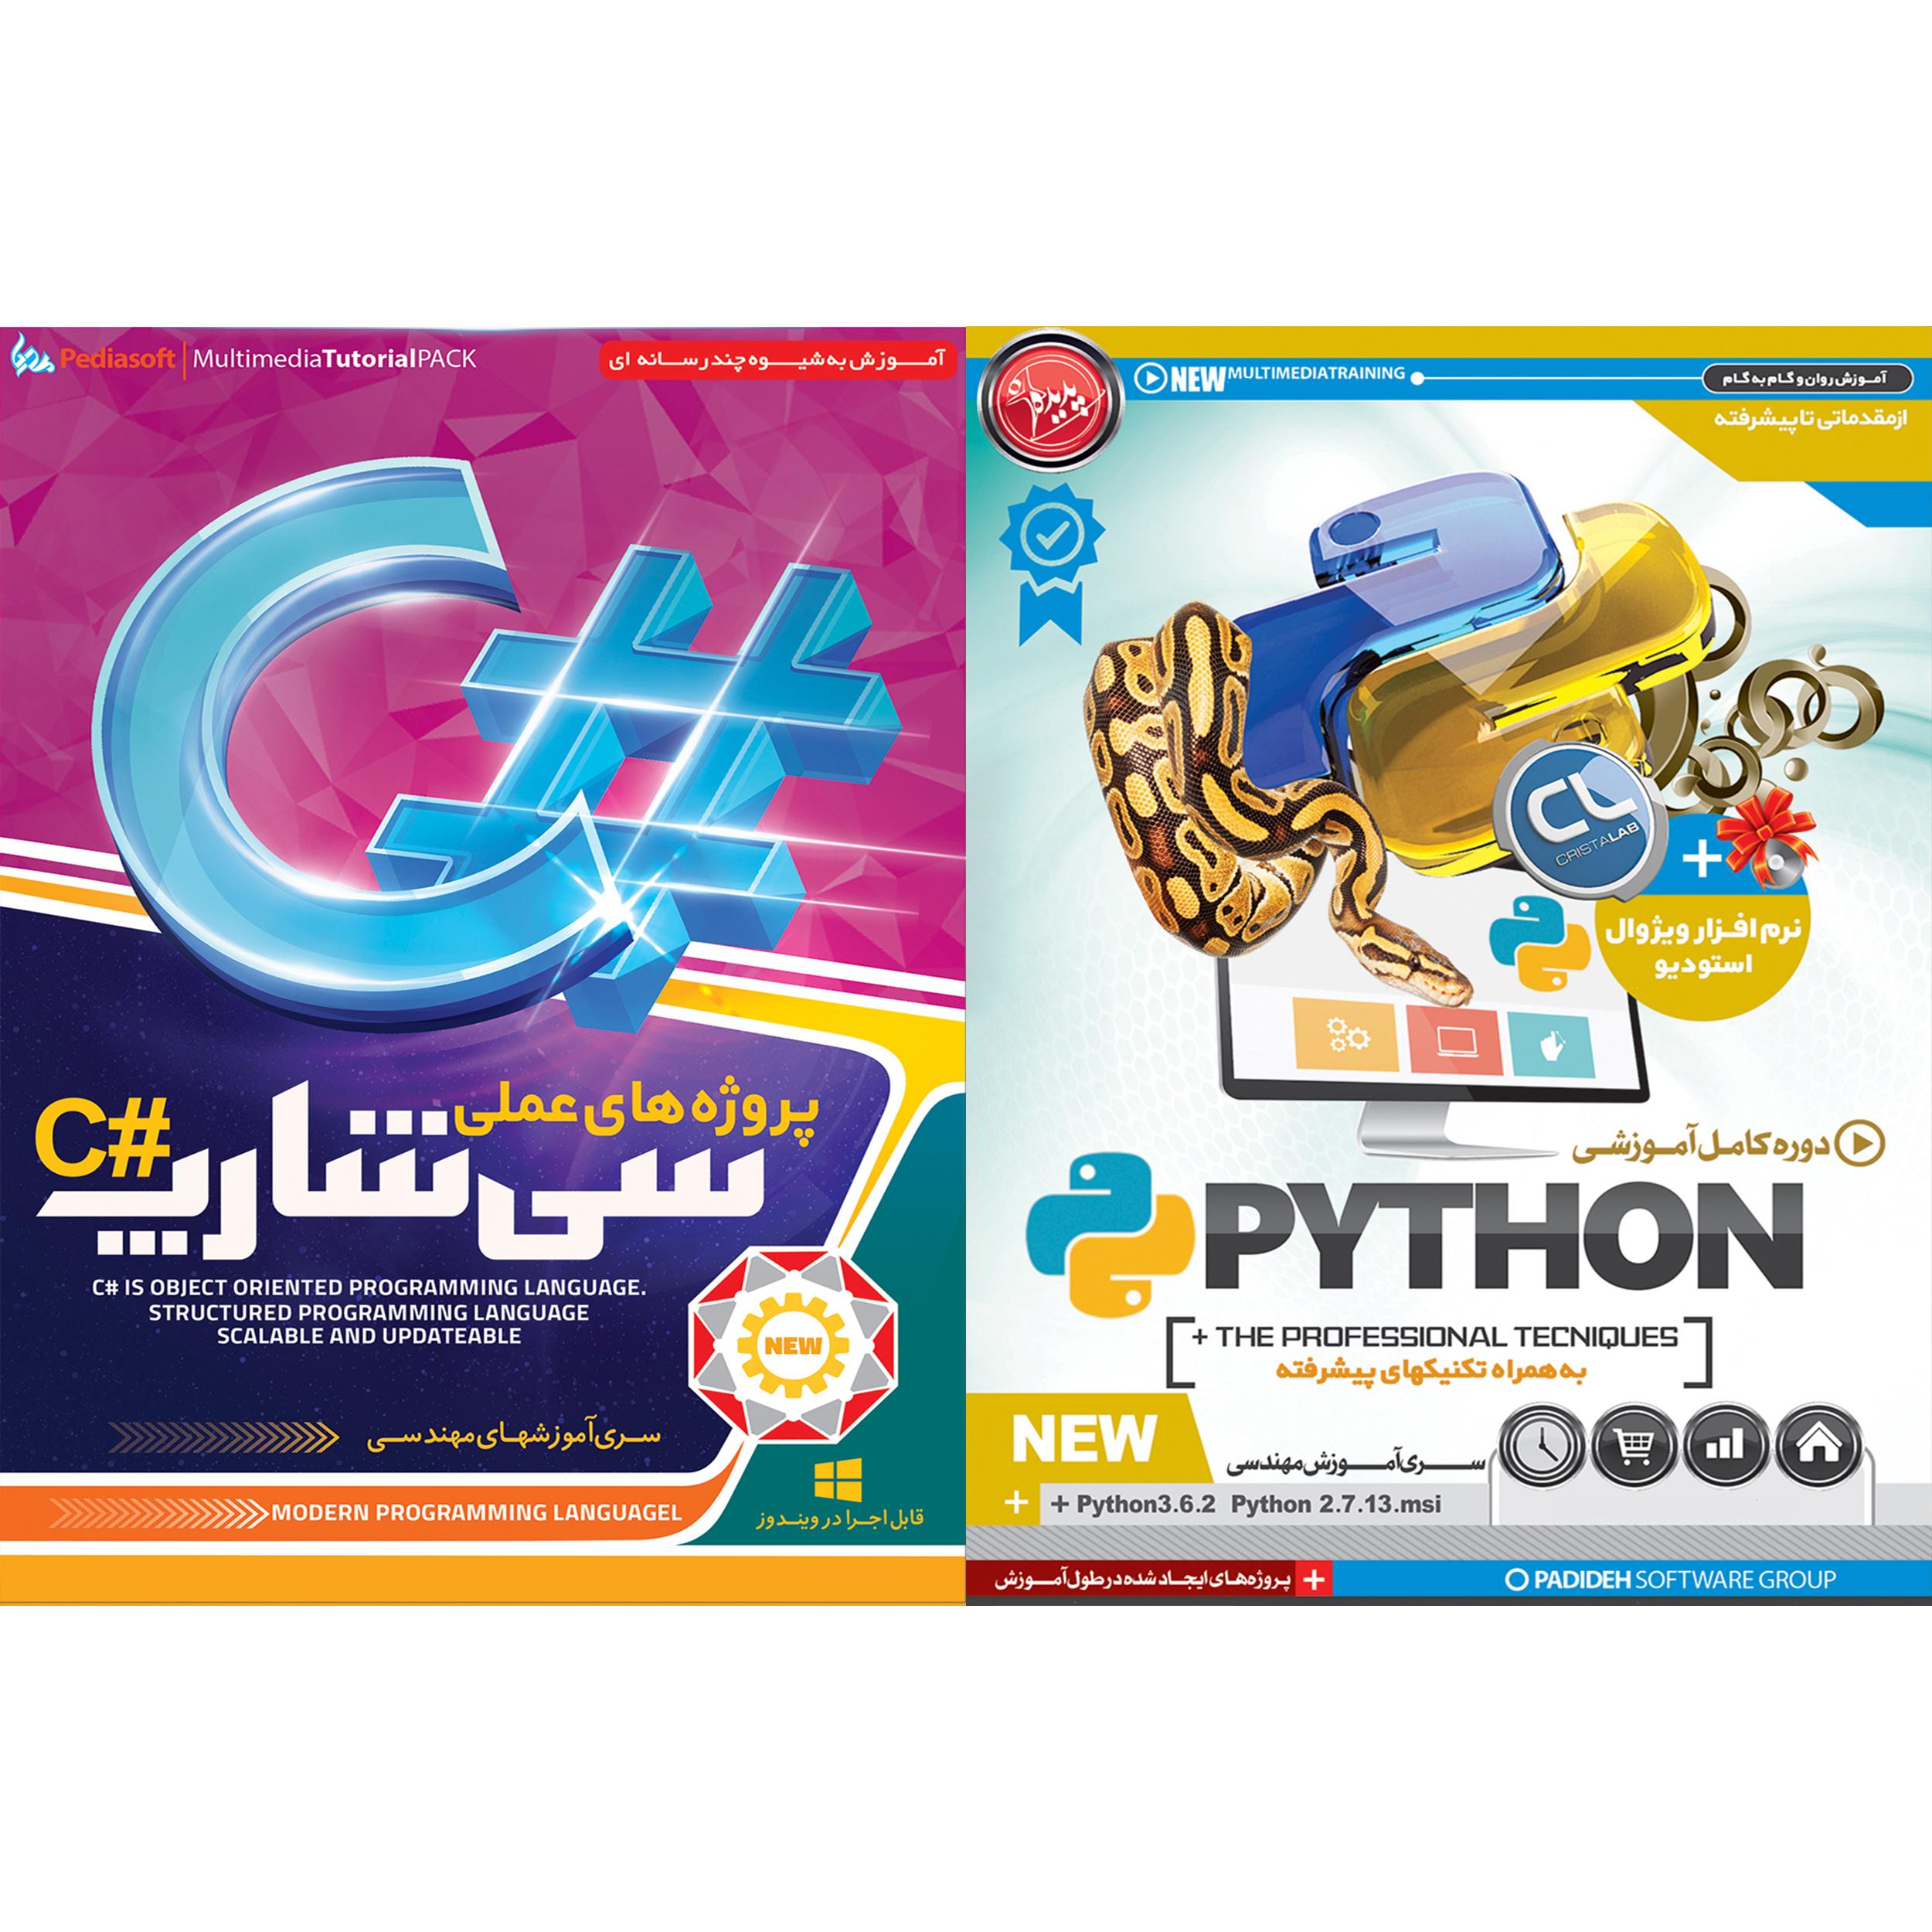 نرم افزار آموزش برنامه نویسی PYTHON نشر پدیده به همراه نرم افزار آموزش پروژه های عملی سی شارپ #C نشر پدیا سافت